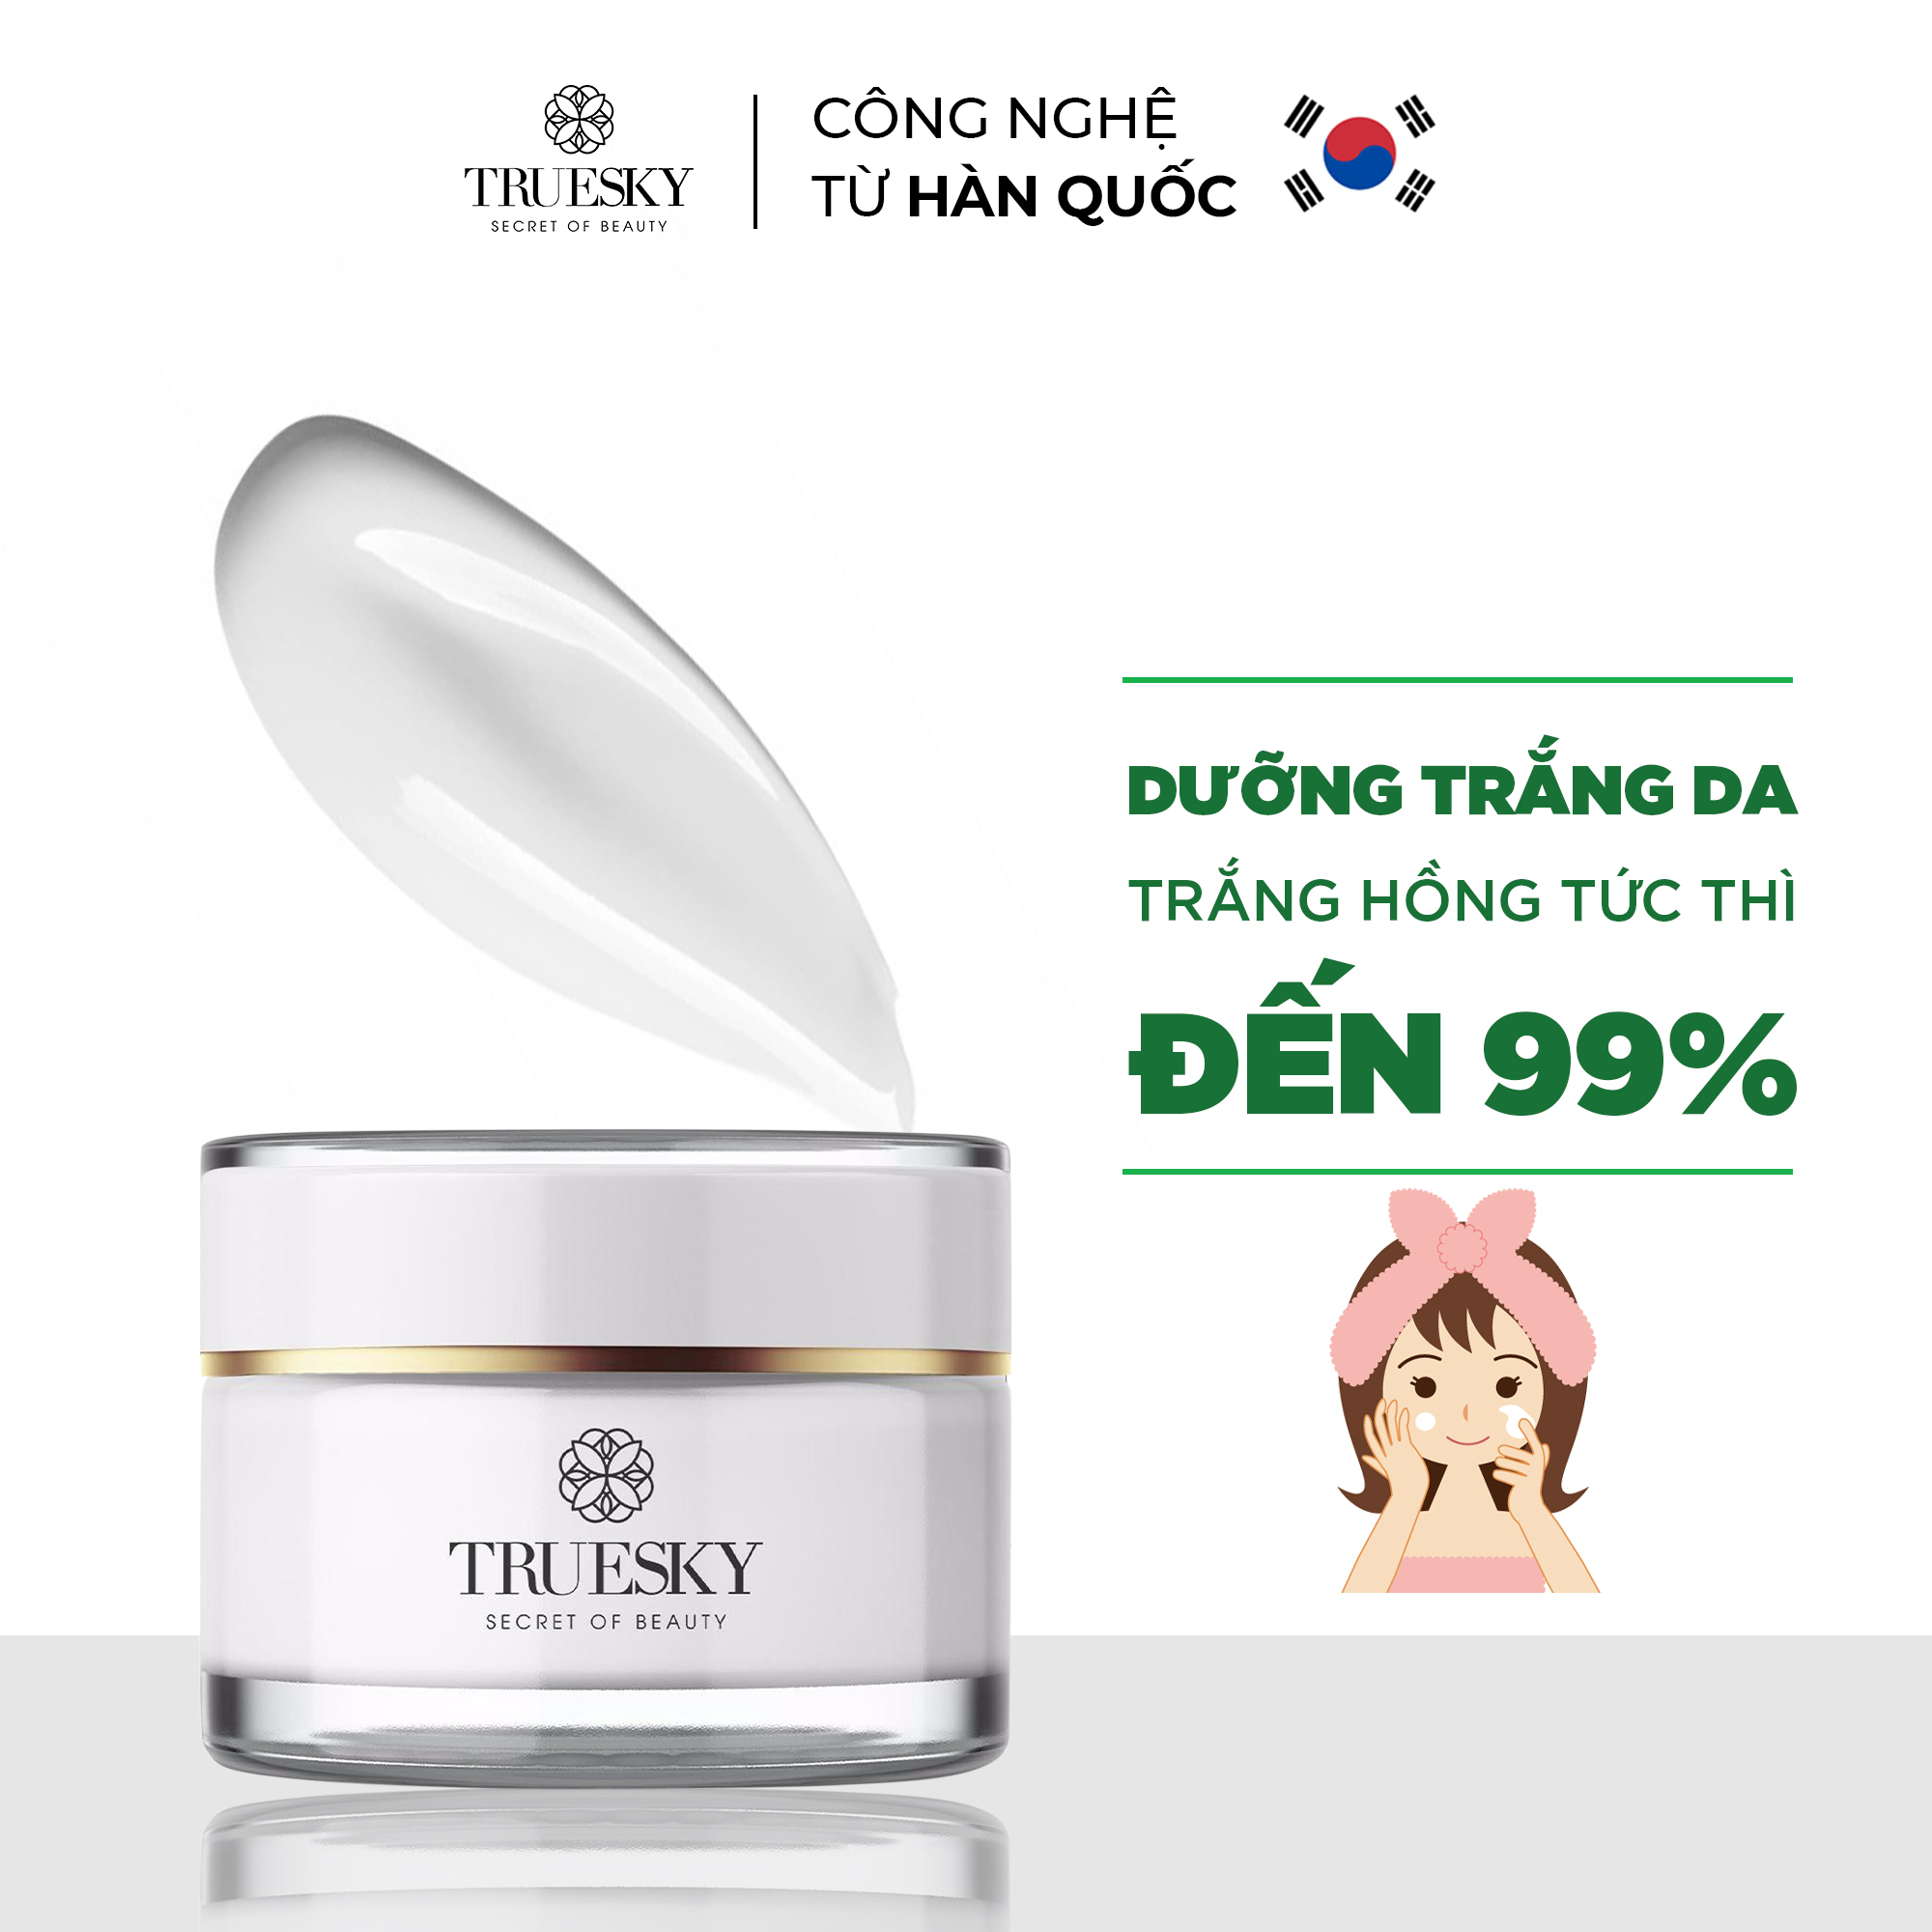 [HCM]Kem dưỡng trắng da mặt Truesky thu nhỏ lỗ chân lông làm da trắng mịn cải thiện tính đàn hồi cho da Whitening Face Cream 10g